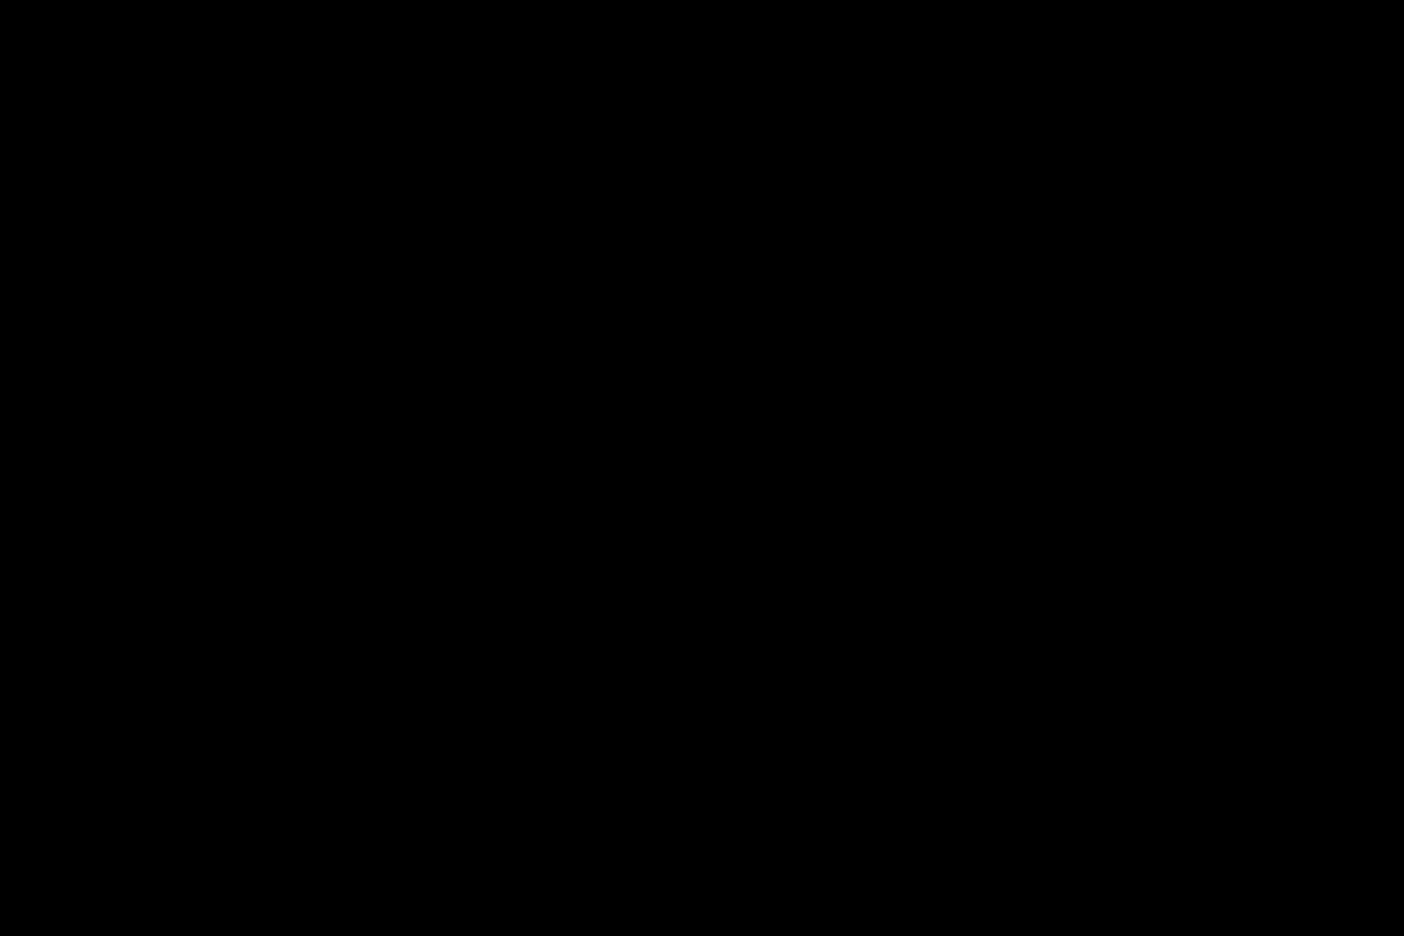 IL CAVOLO NERO